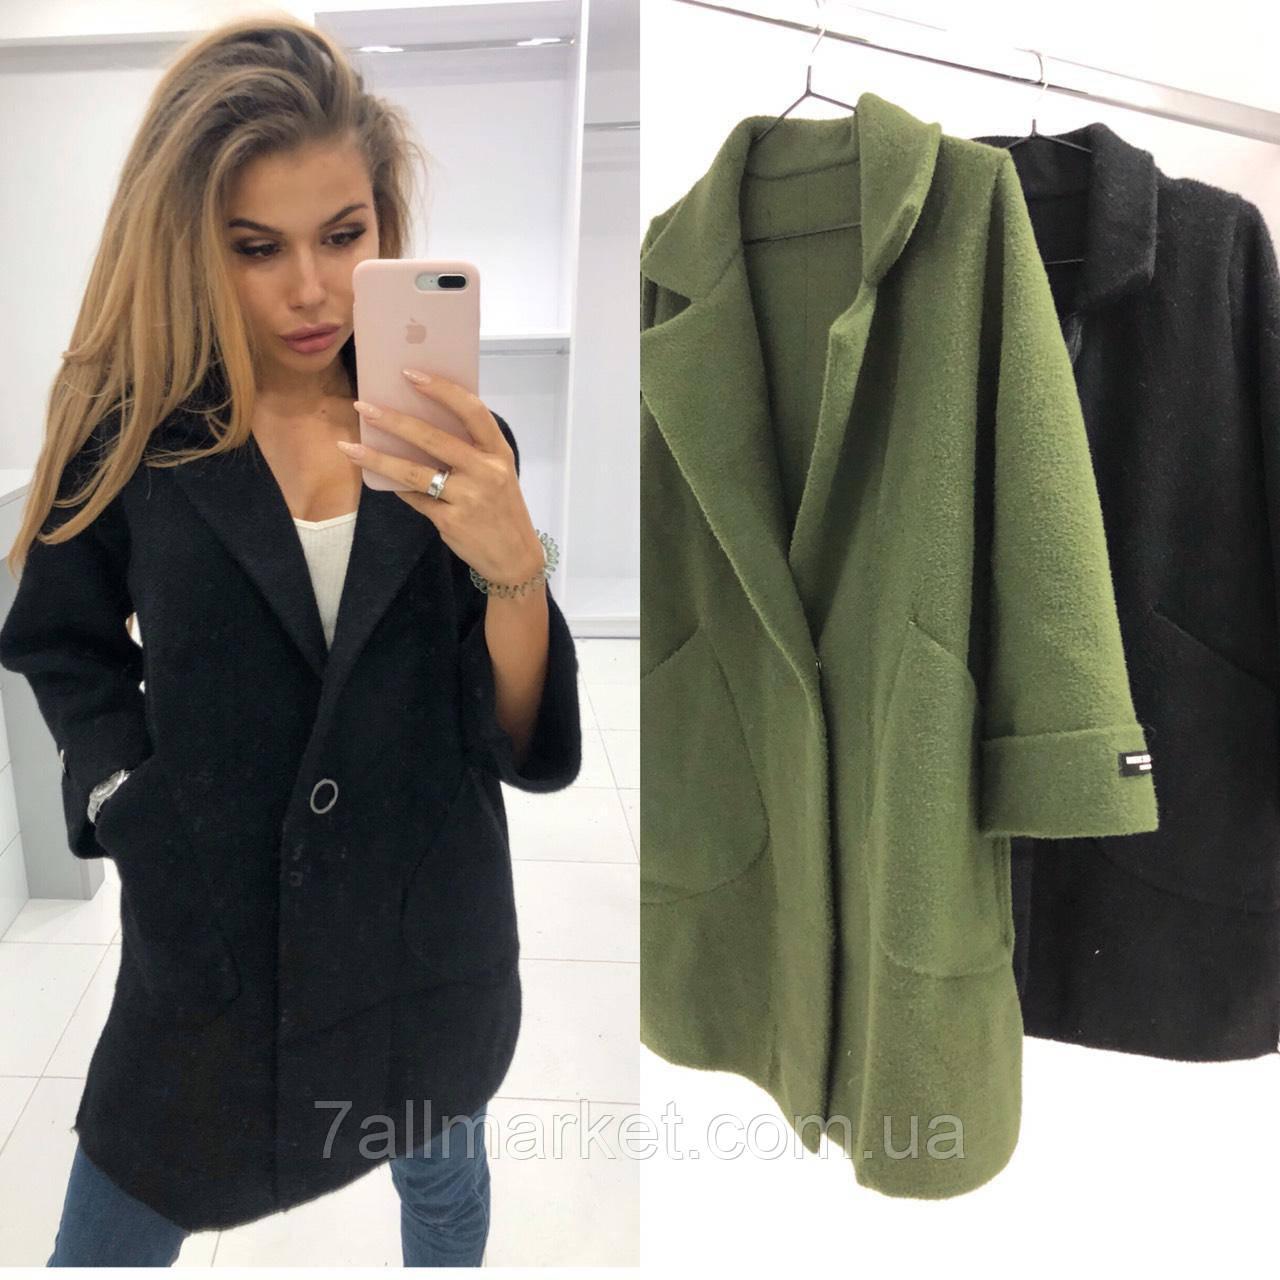 027abd55376 Пальто женское молодежное с воротником